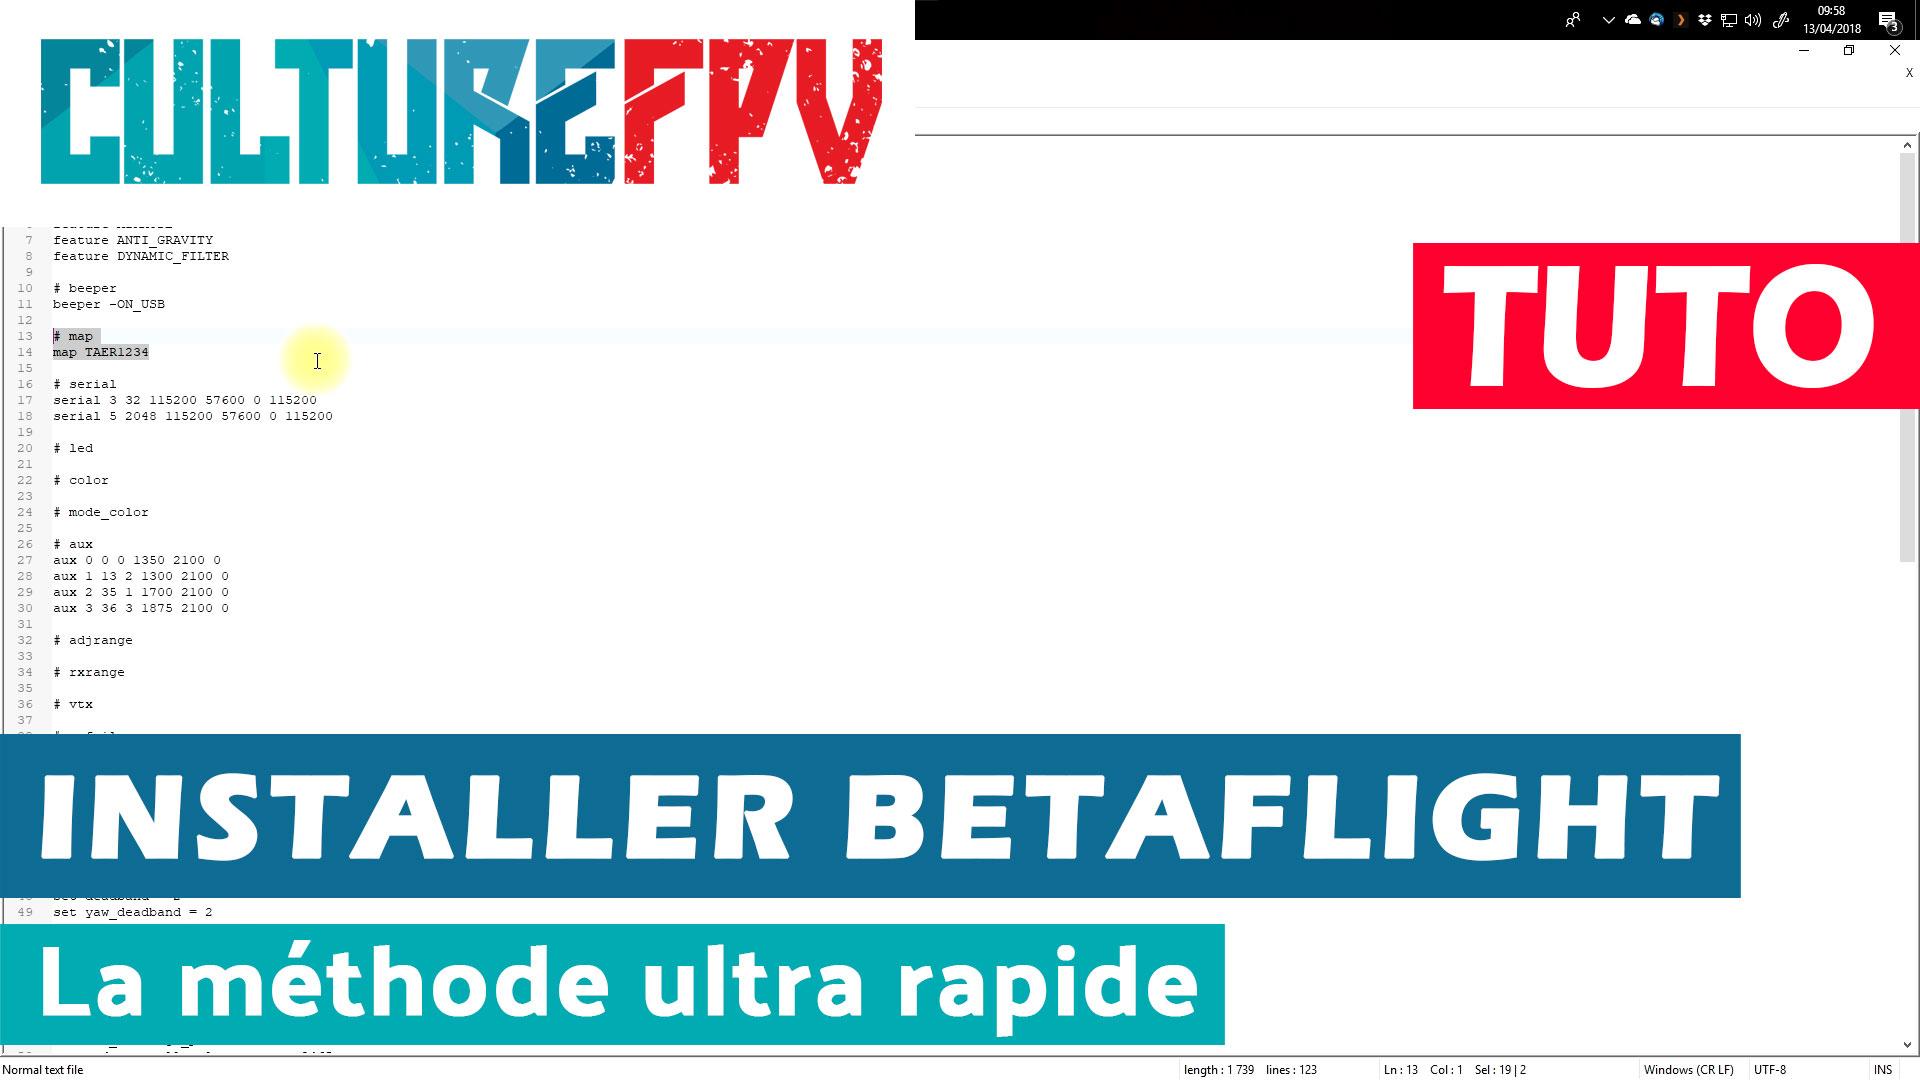 installer betaflight